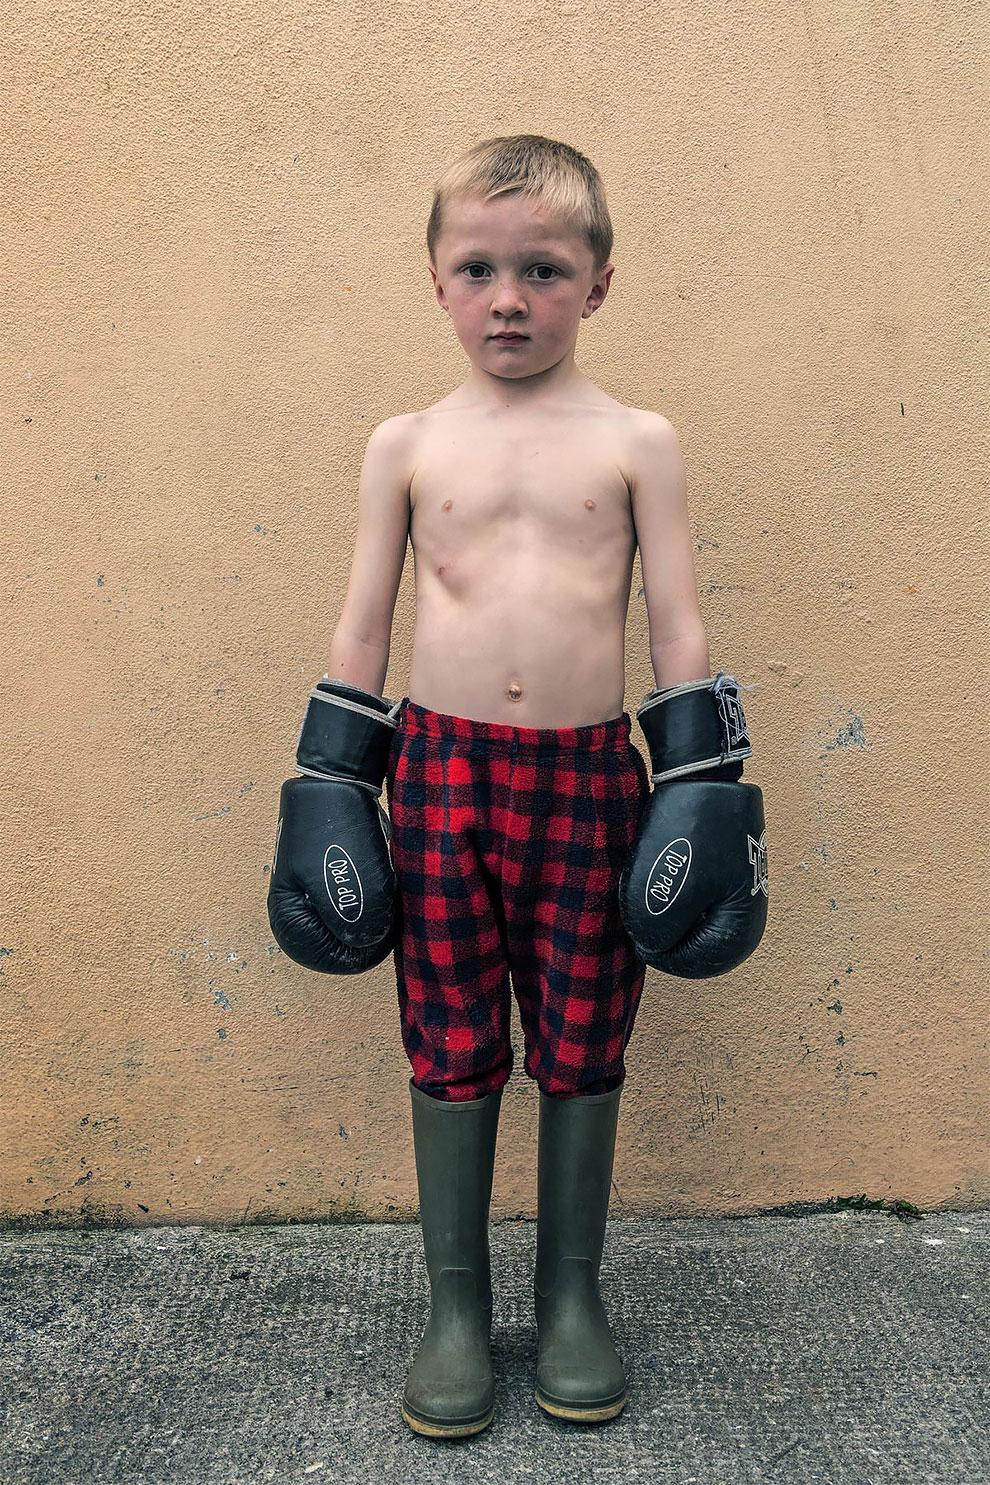 Тайная жизнь ирландских путешественников на снимках Джозефа Филиппа Бевийяра  (7).jpg